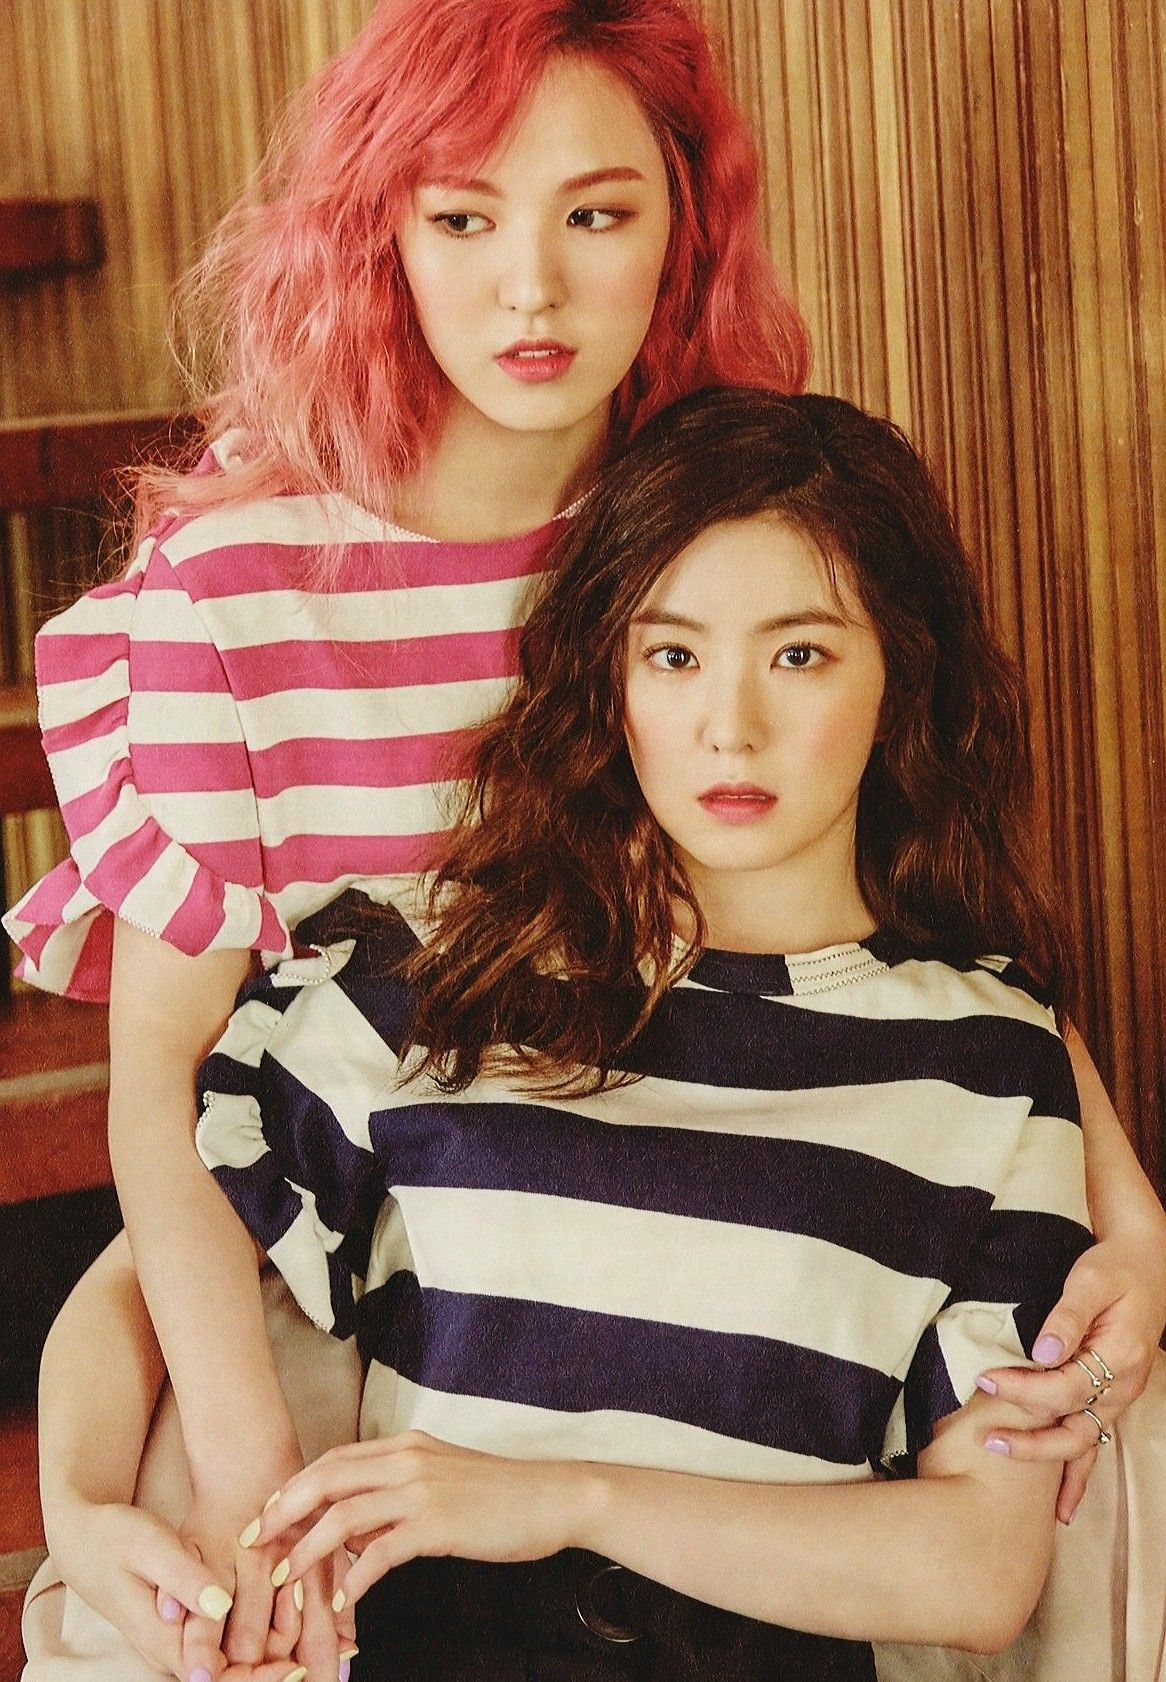 """Irene - """"Nữ thần"""" của Red Velvet bị chỉ trích liên tục vì tài năng và nhân cách"""